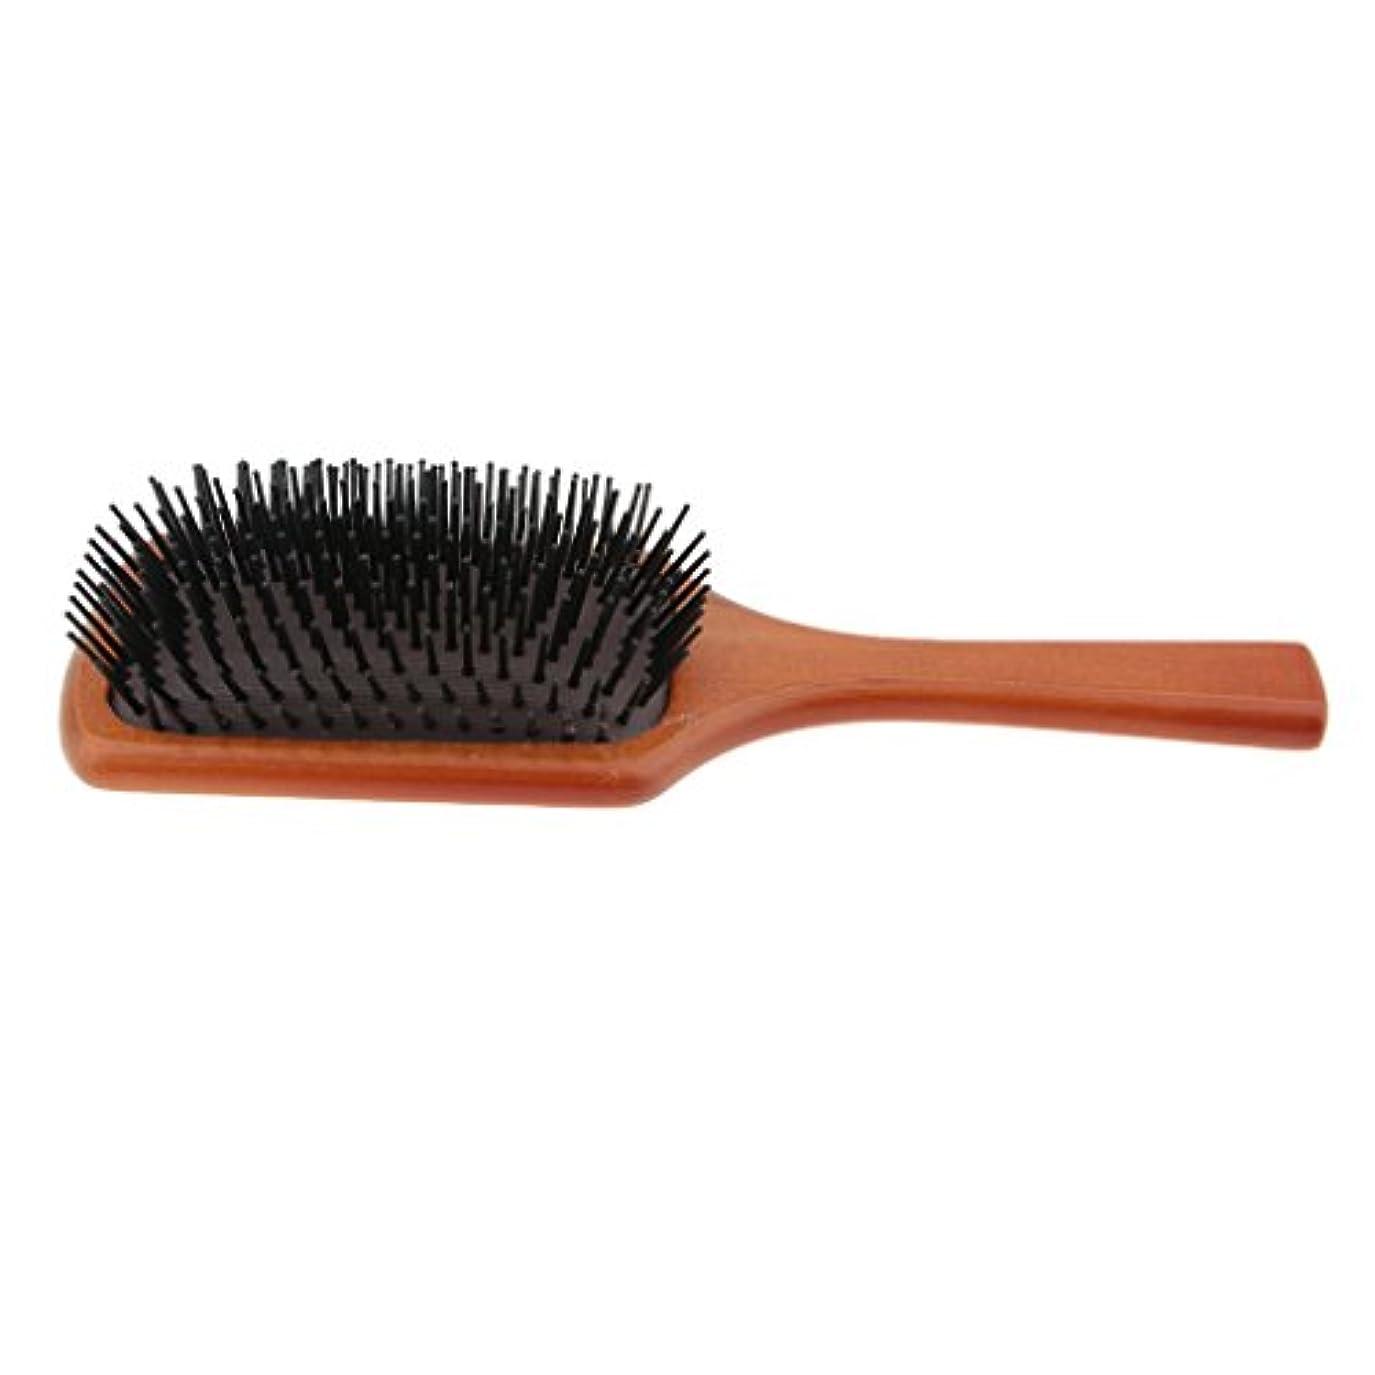 静かな練習結び目木製櫛 ヘアコーム ヘアブラシ 頭皮マッサージ 櫛 ヘアケア 高品質 サロン 自宅用